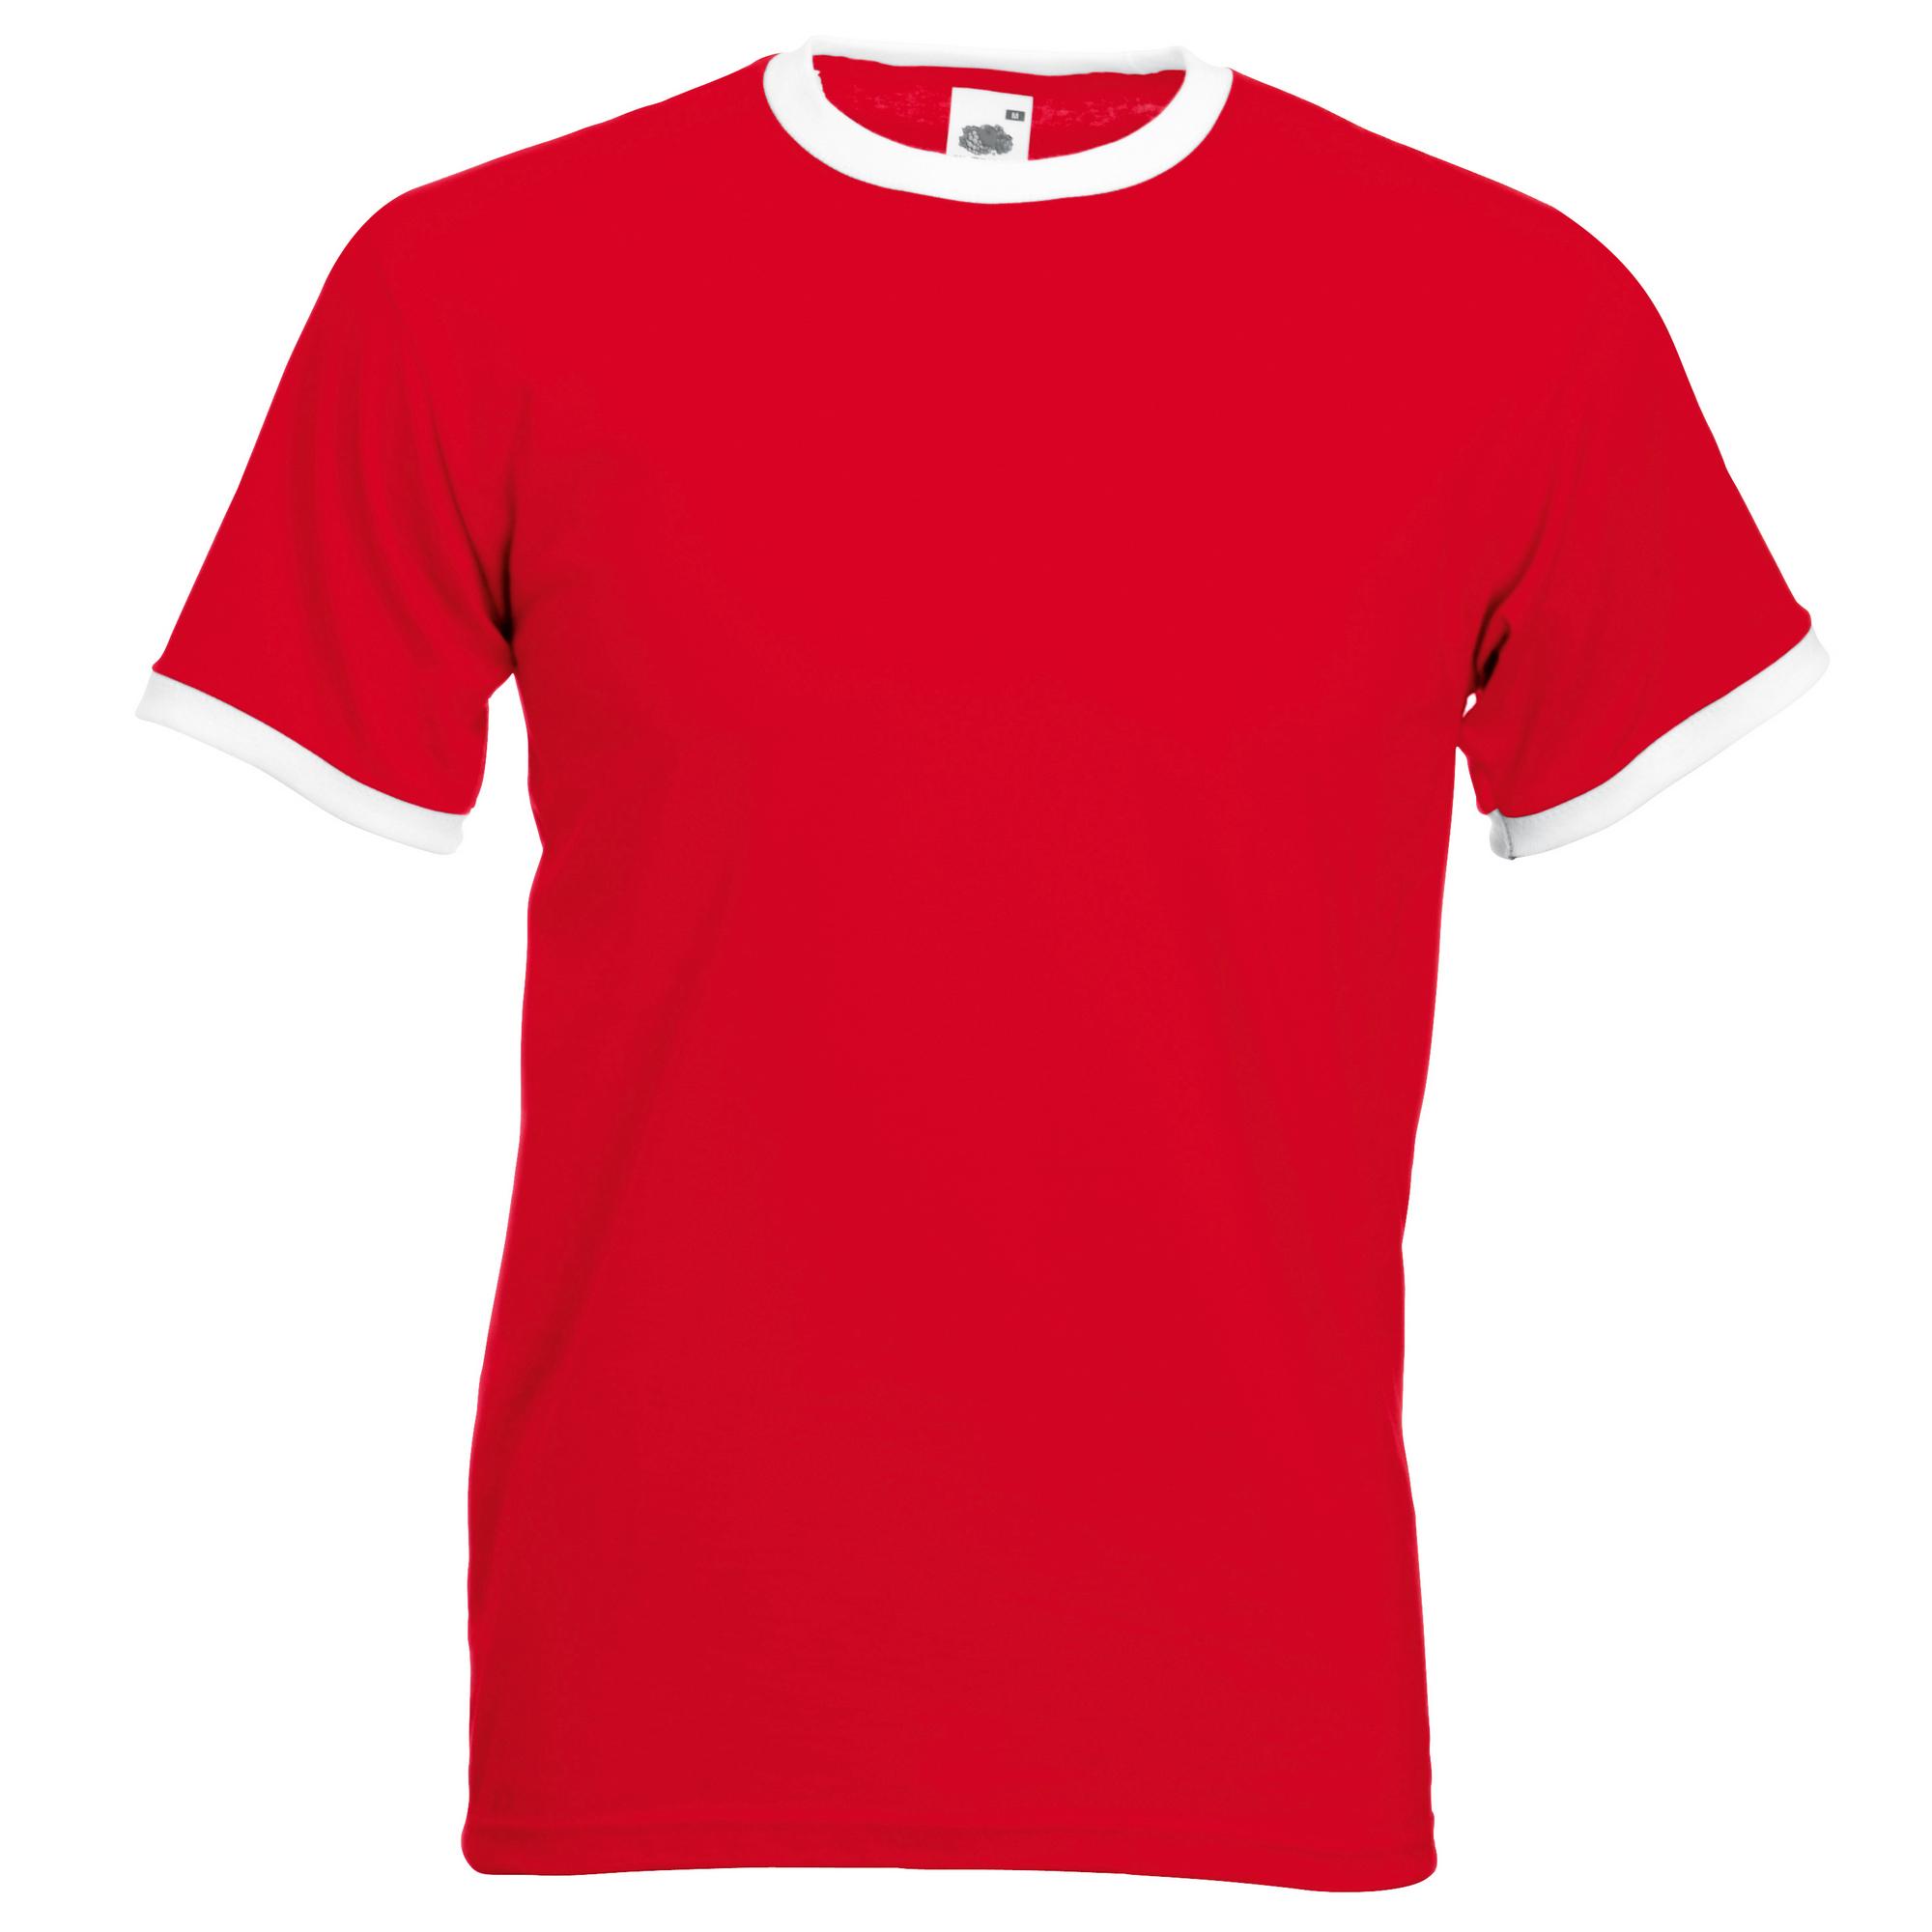 Fruit of the loom mens ringer short sleeve t shirt ebay for Short t shirt men